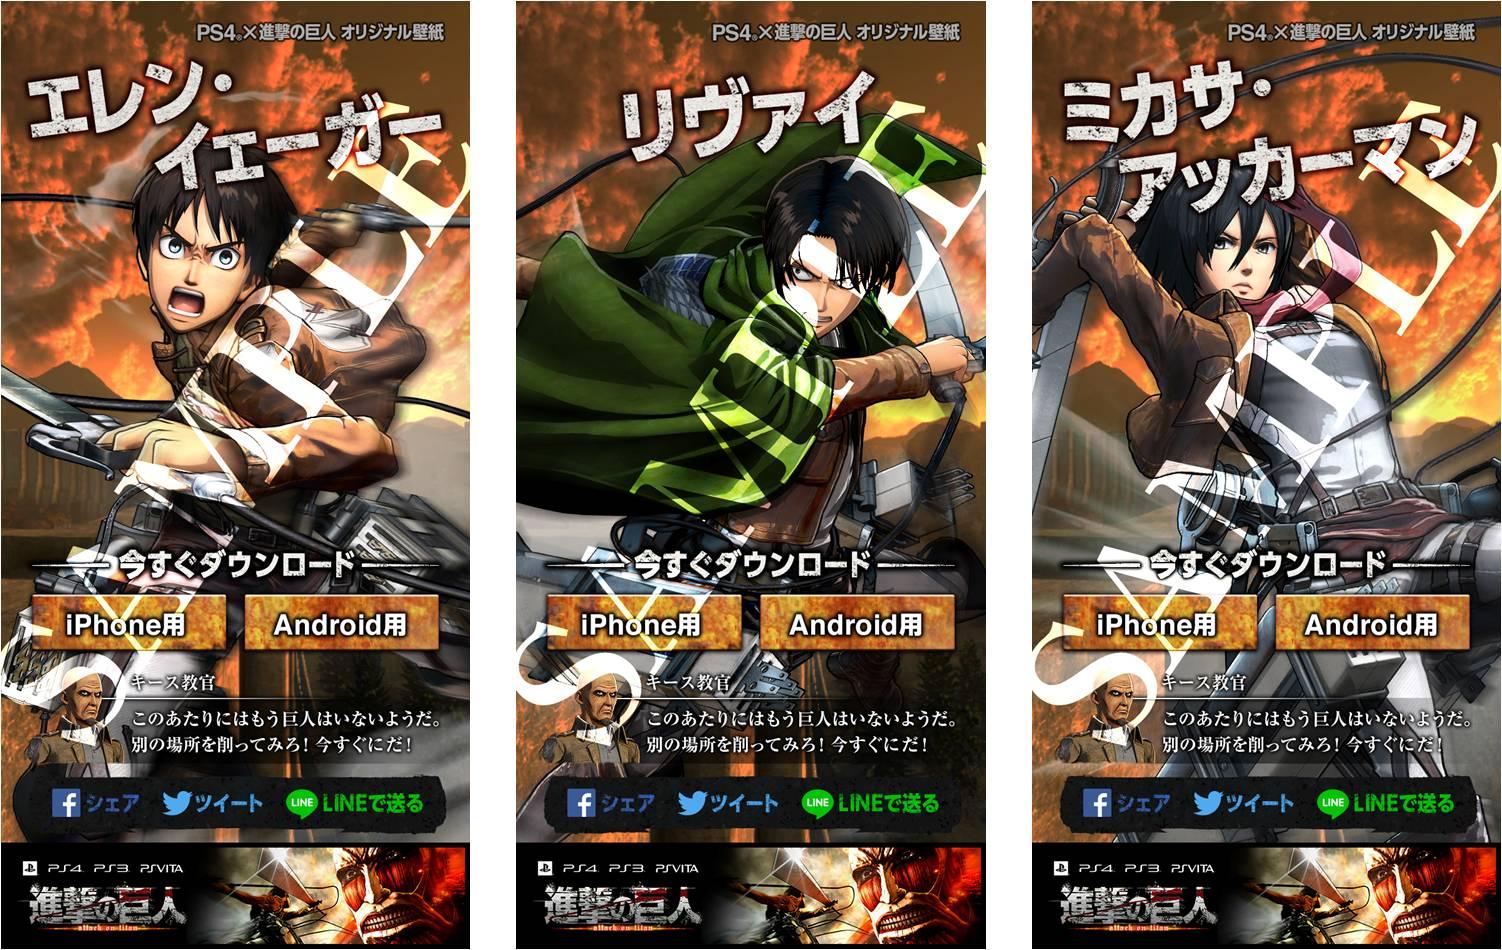 画像集 014 新宿駅に超大型巨人出現 ゲーム 進撃の巨人 発売記念イベント ウォール 新宿奪還作戦 が2月18日に開催決定 4gamer Net